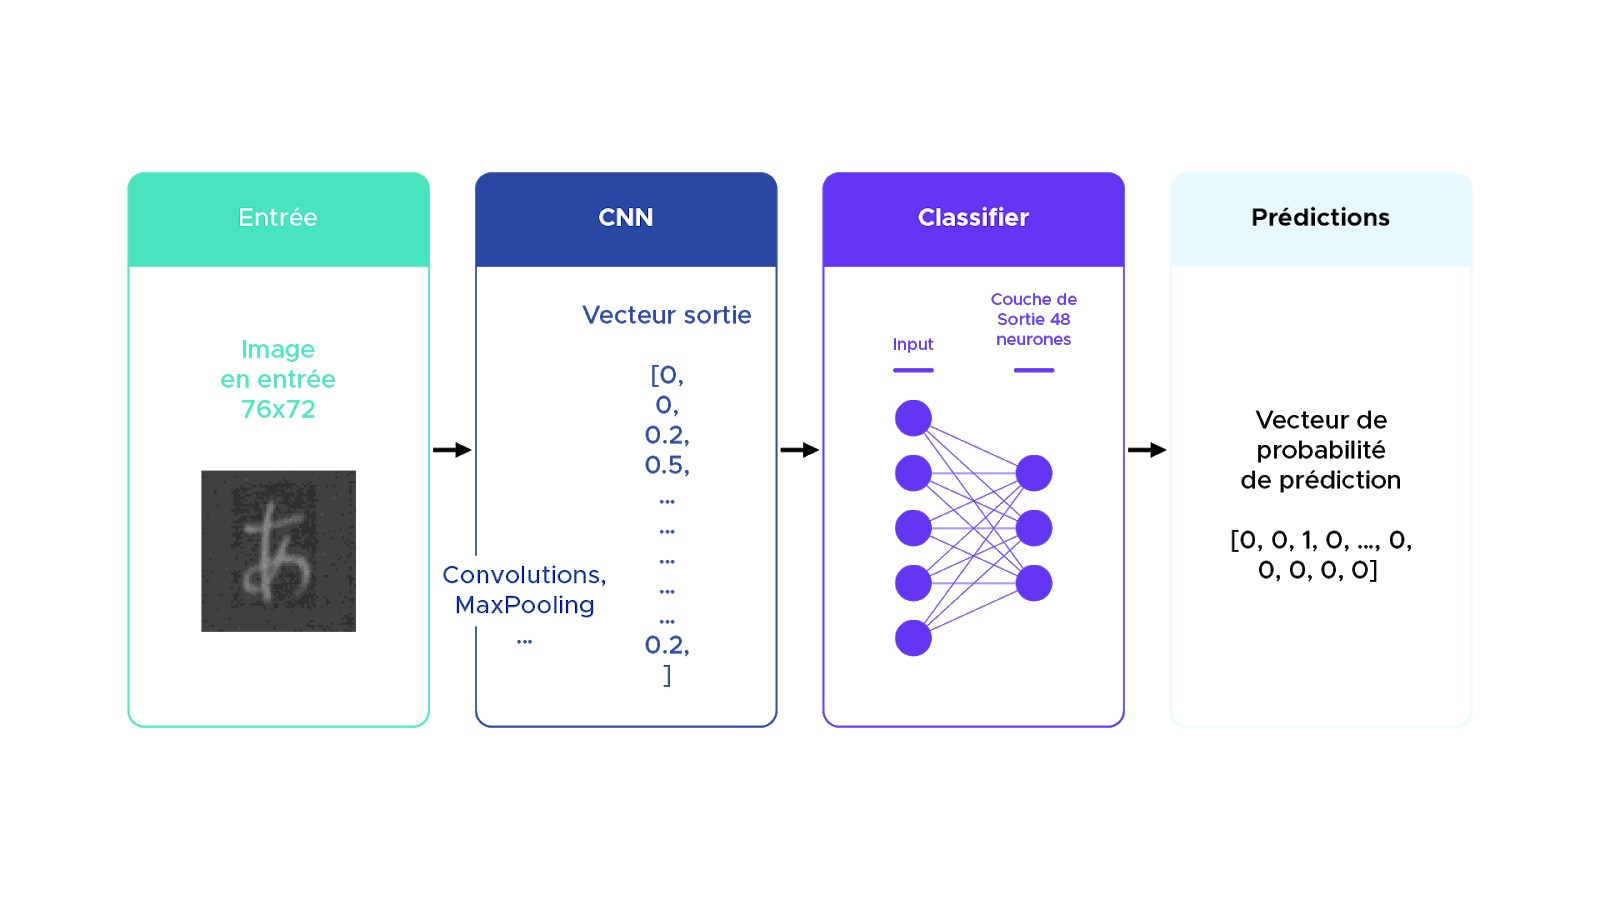 Architecture du modèle CNN utilisé